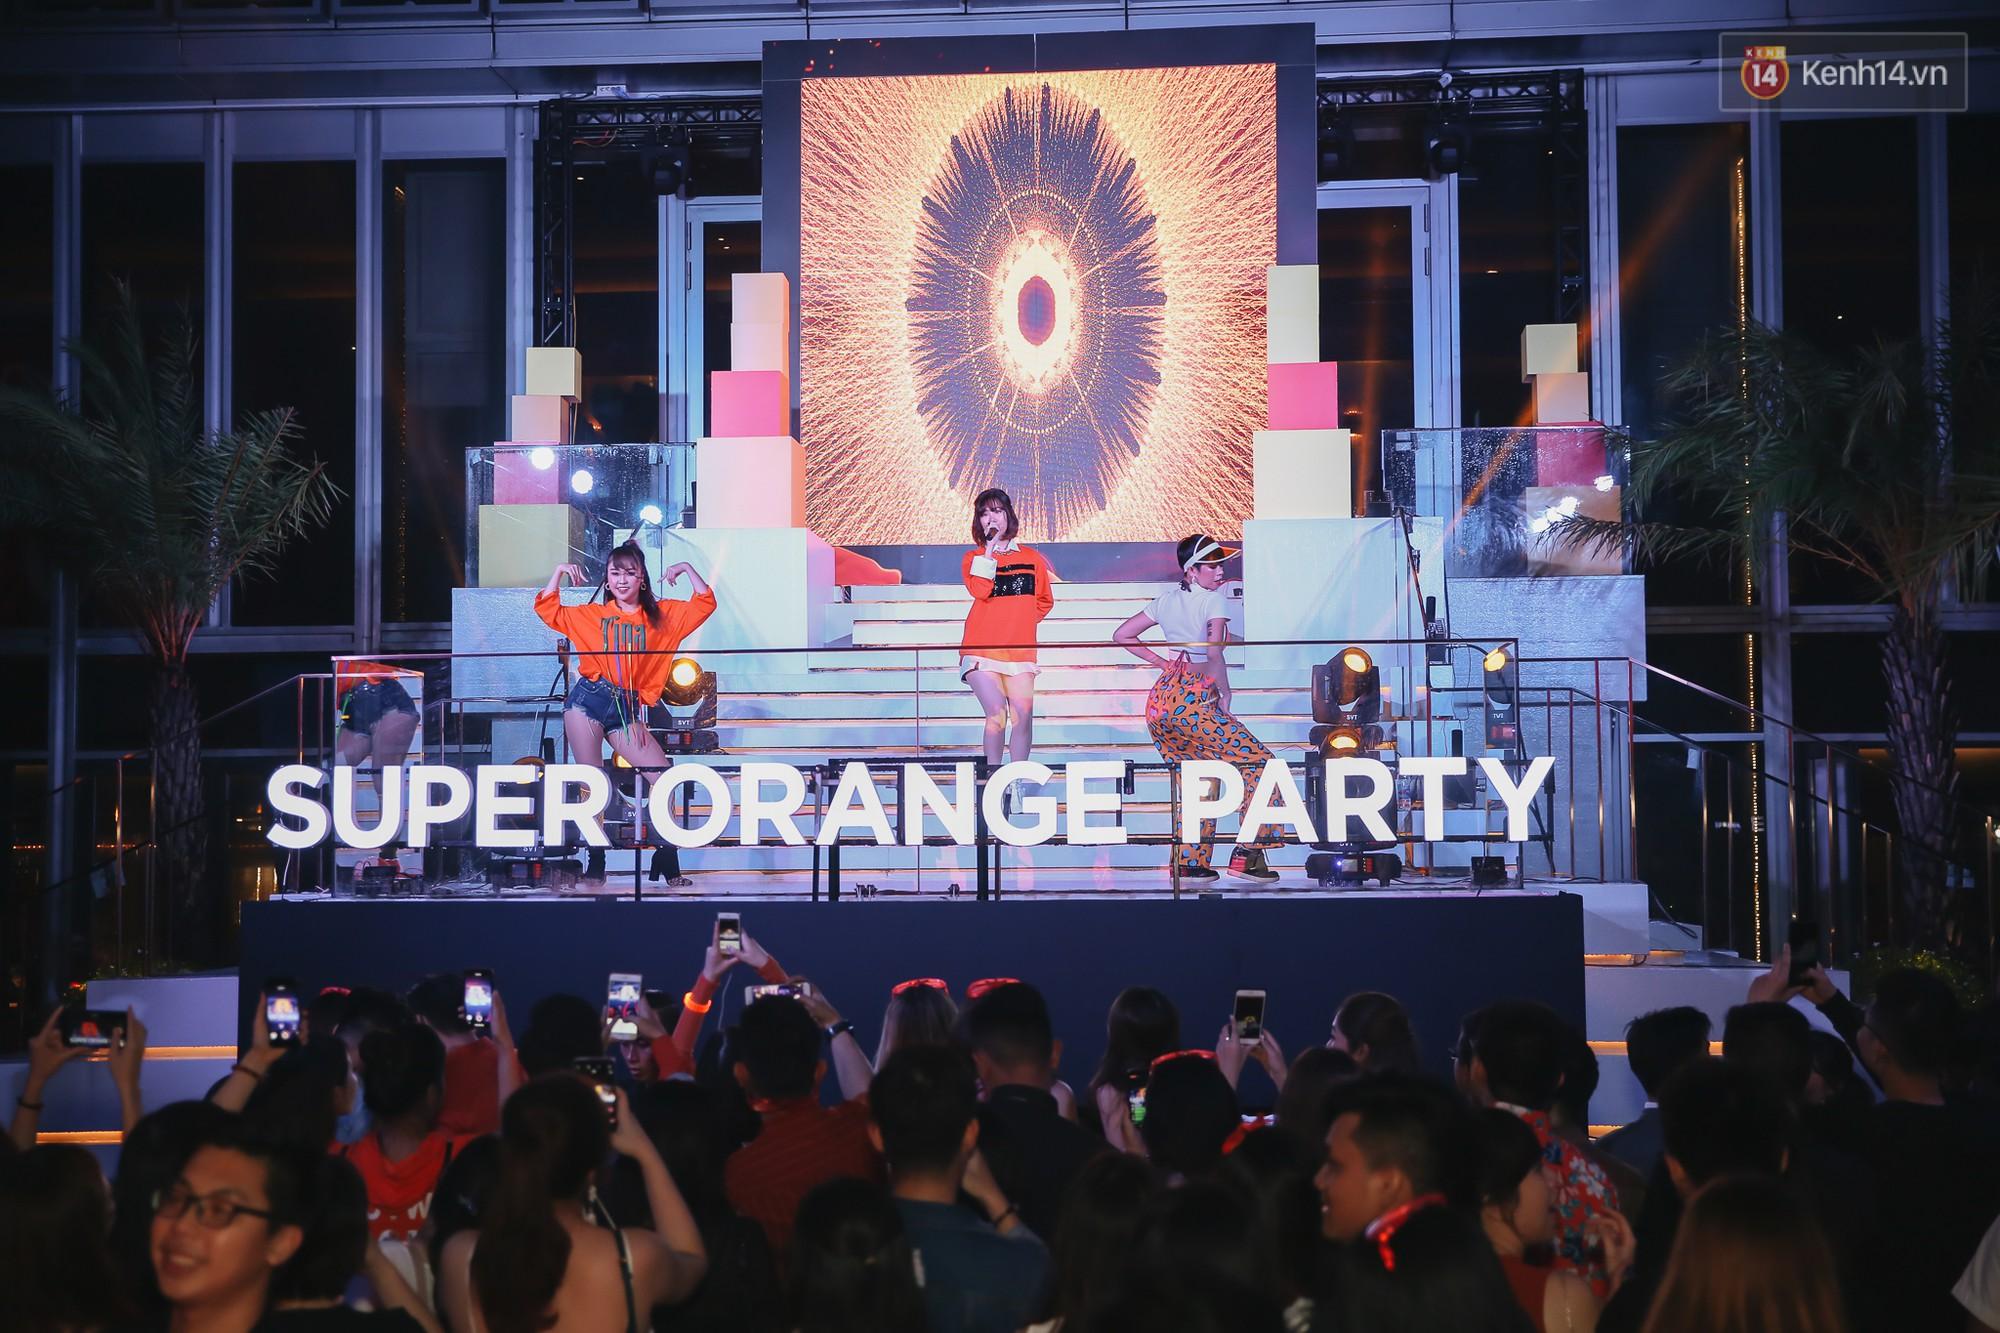 Min, Erik tái hiện màn song ca đình đám, đốt cháy đêm tiệc Orange Party của Shopee - Ảnh 3.